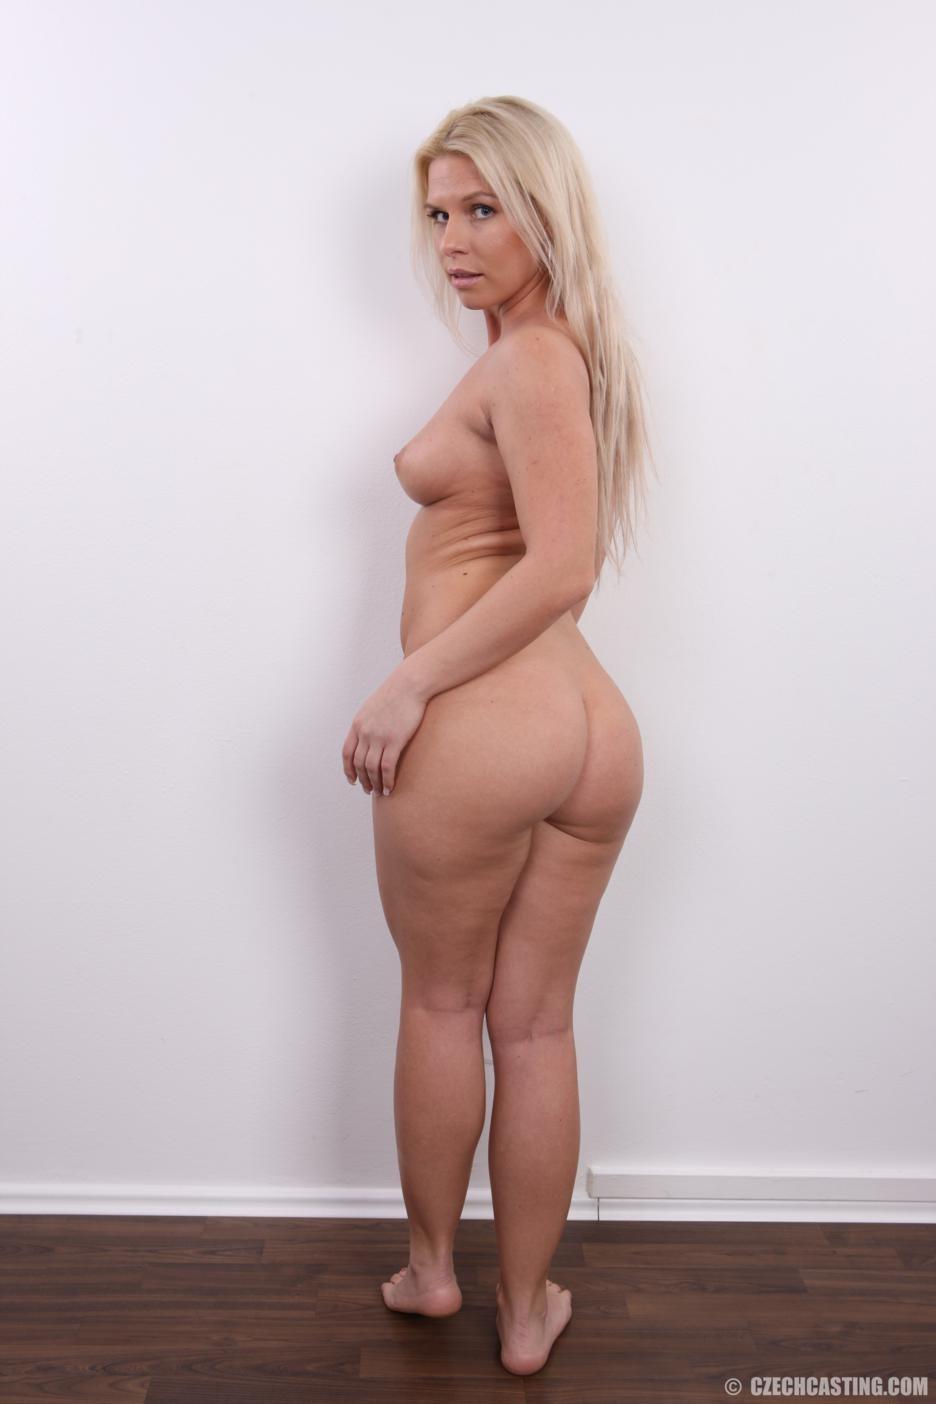 Девушка показывает свое тело